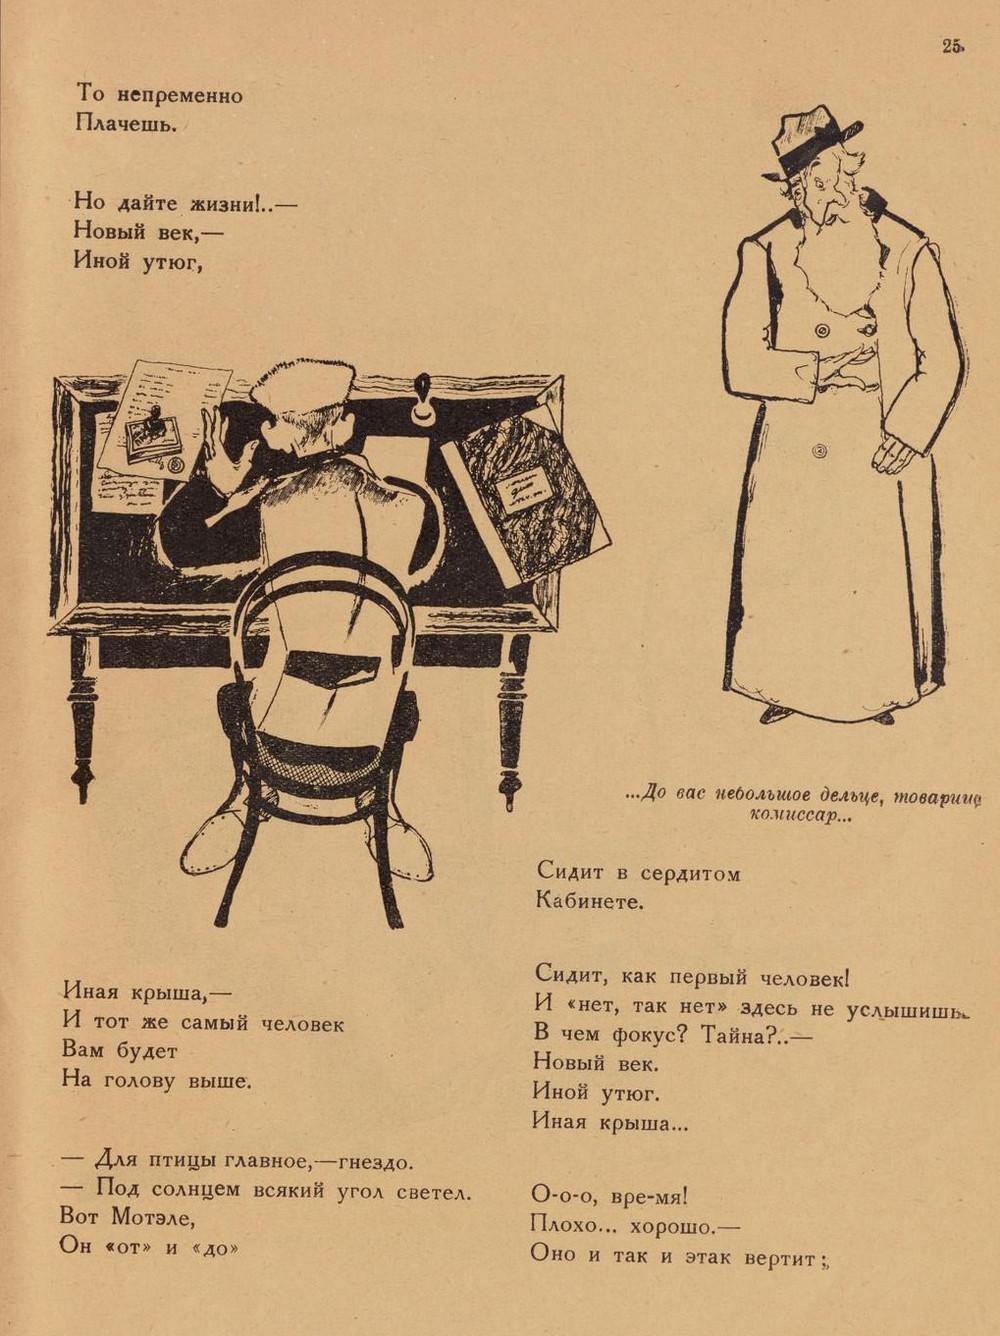 «Повесть о рыжем Мотэле, господине инспекторе, раввине Иссайе и комиссаре Блох» (1926 год) 23